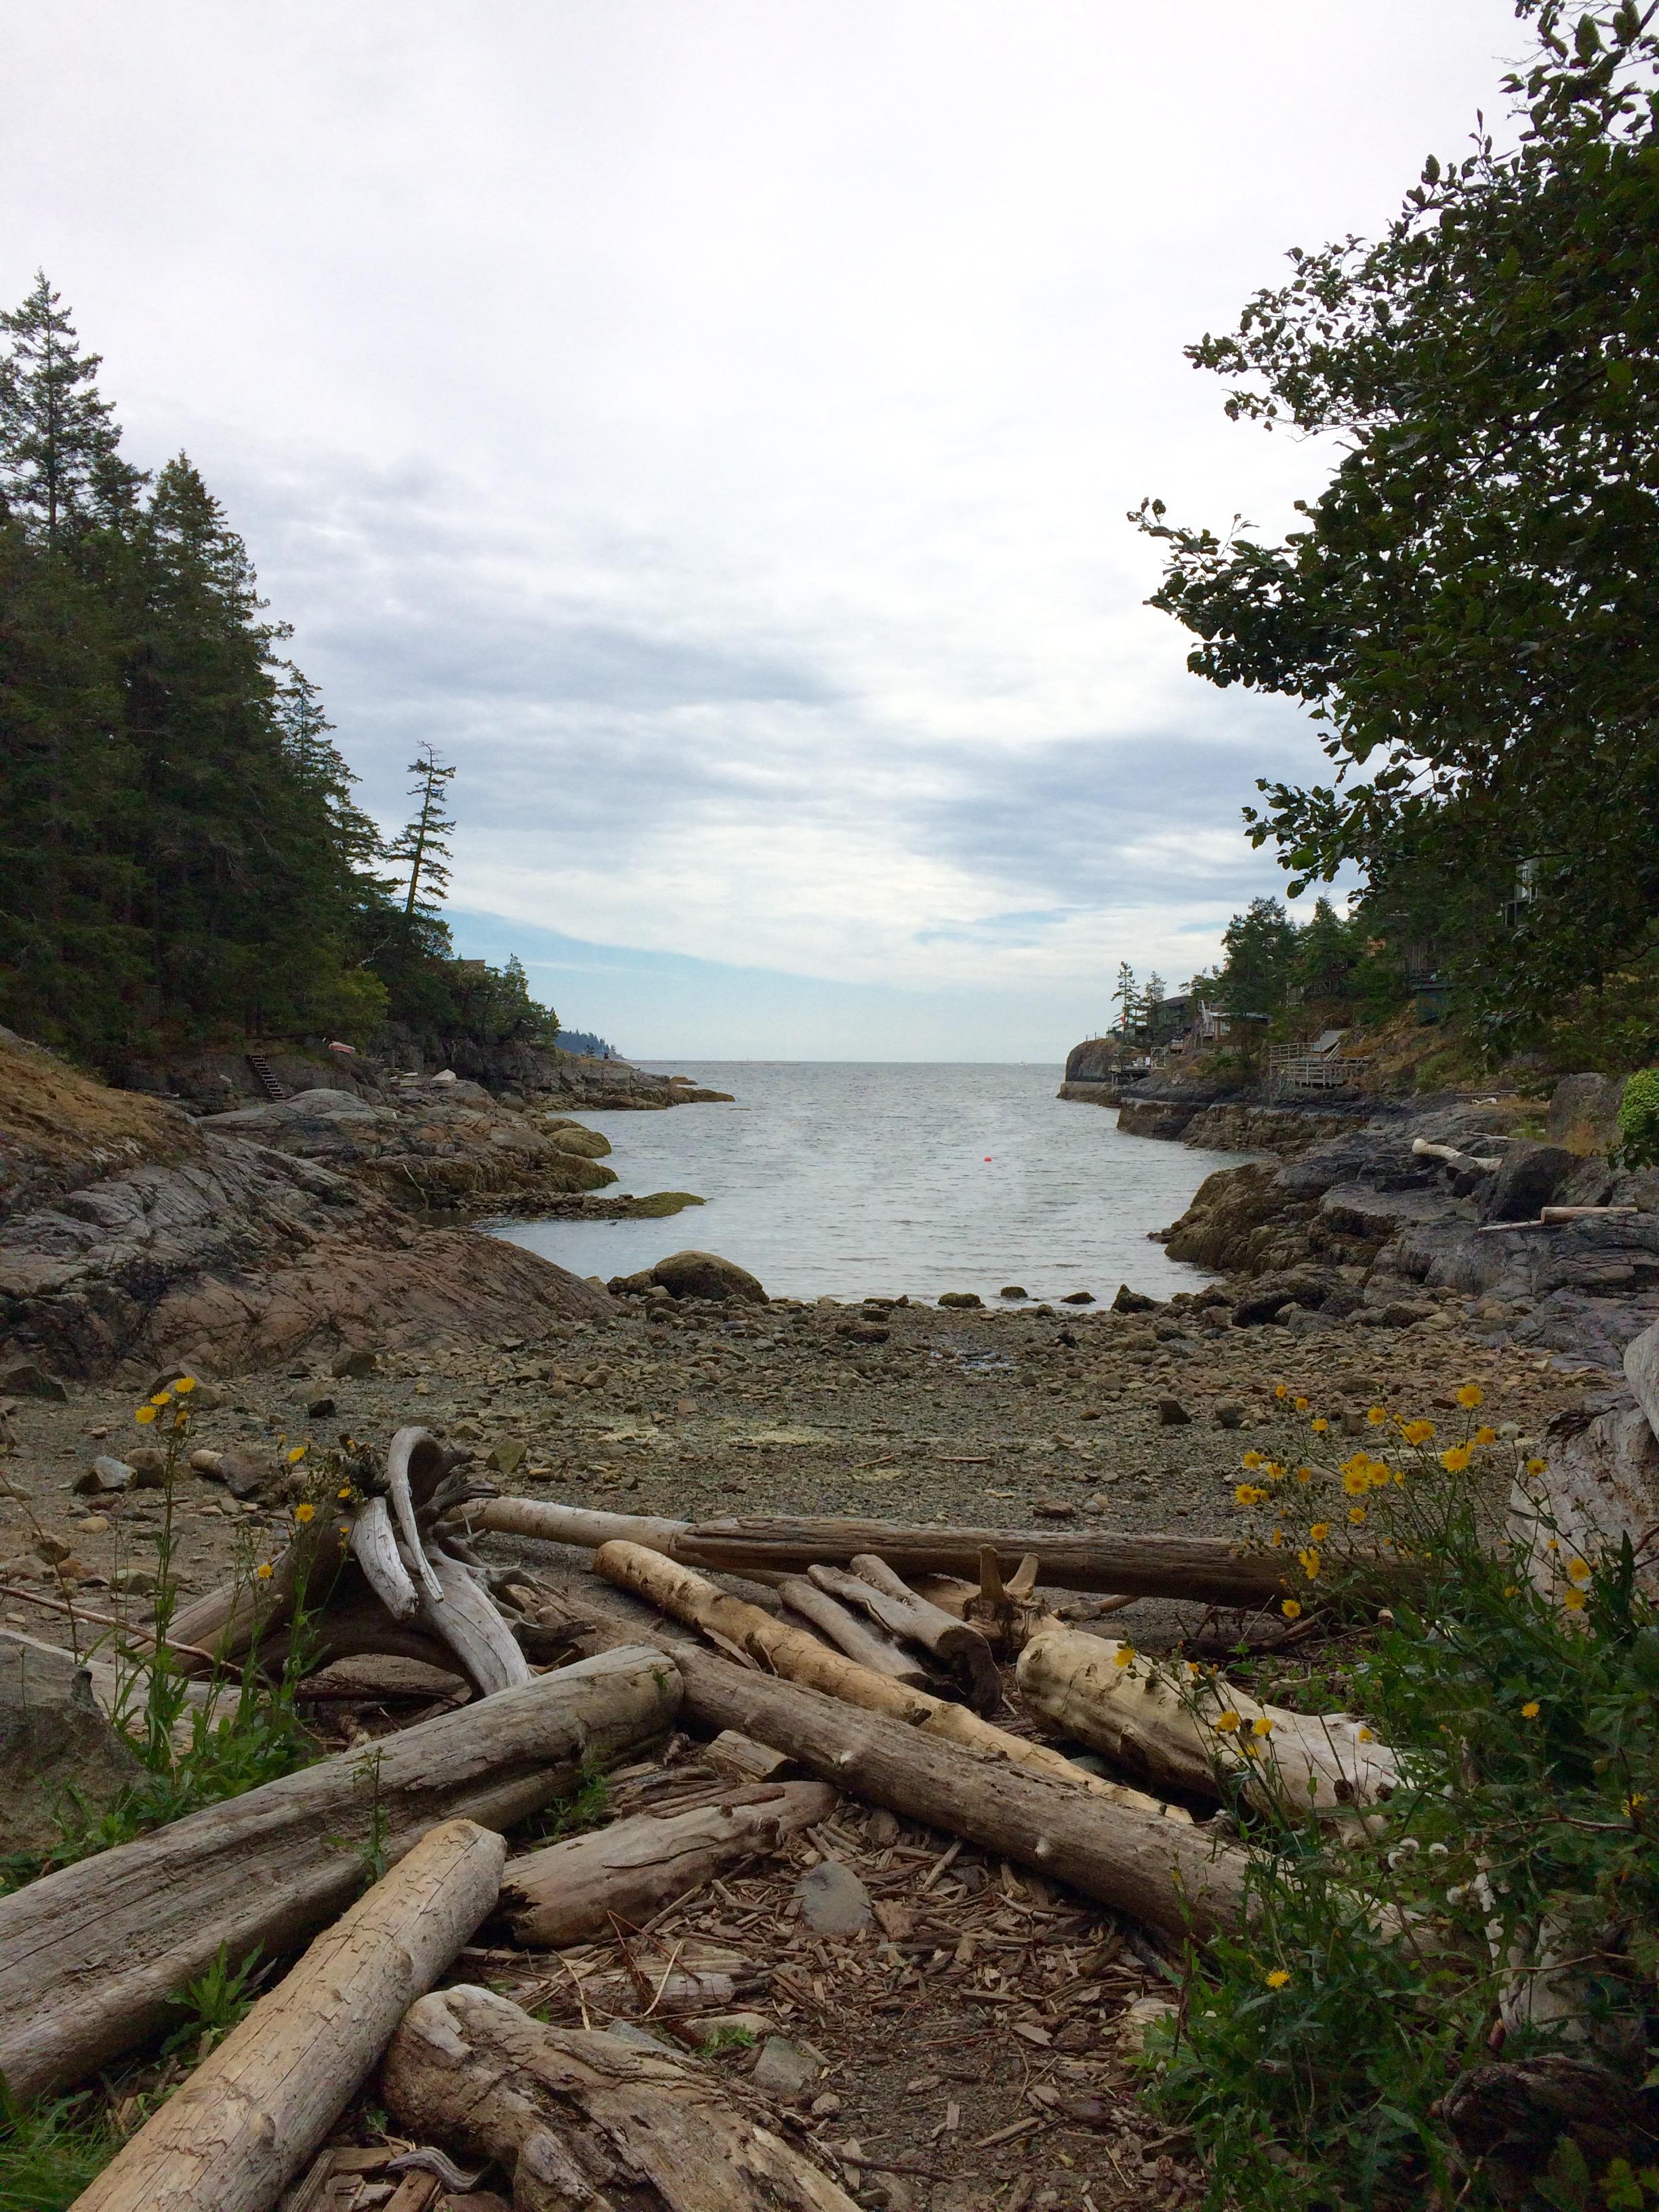 Smuggler's Cove